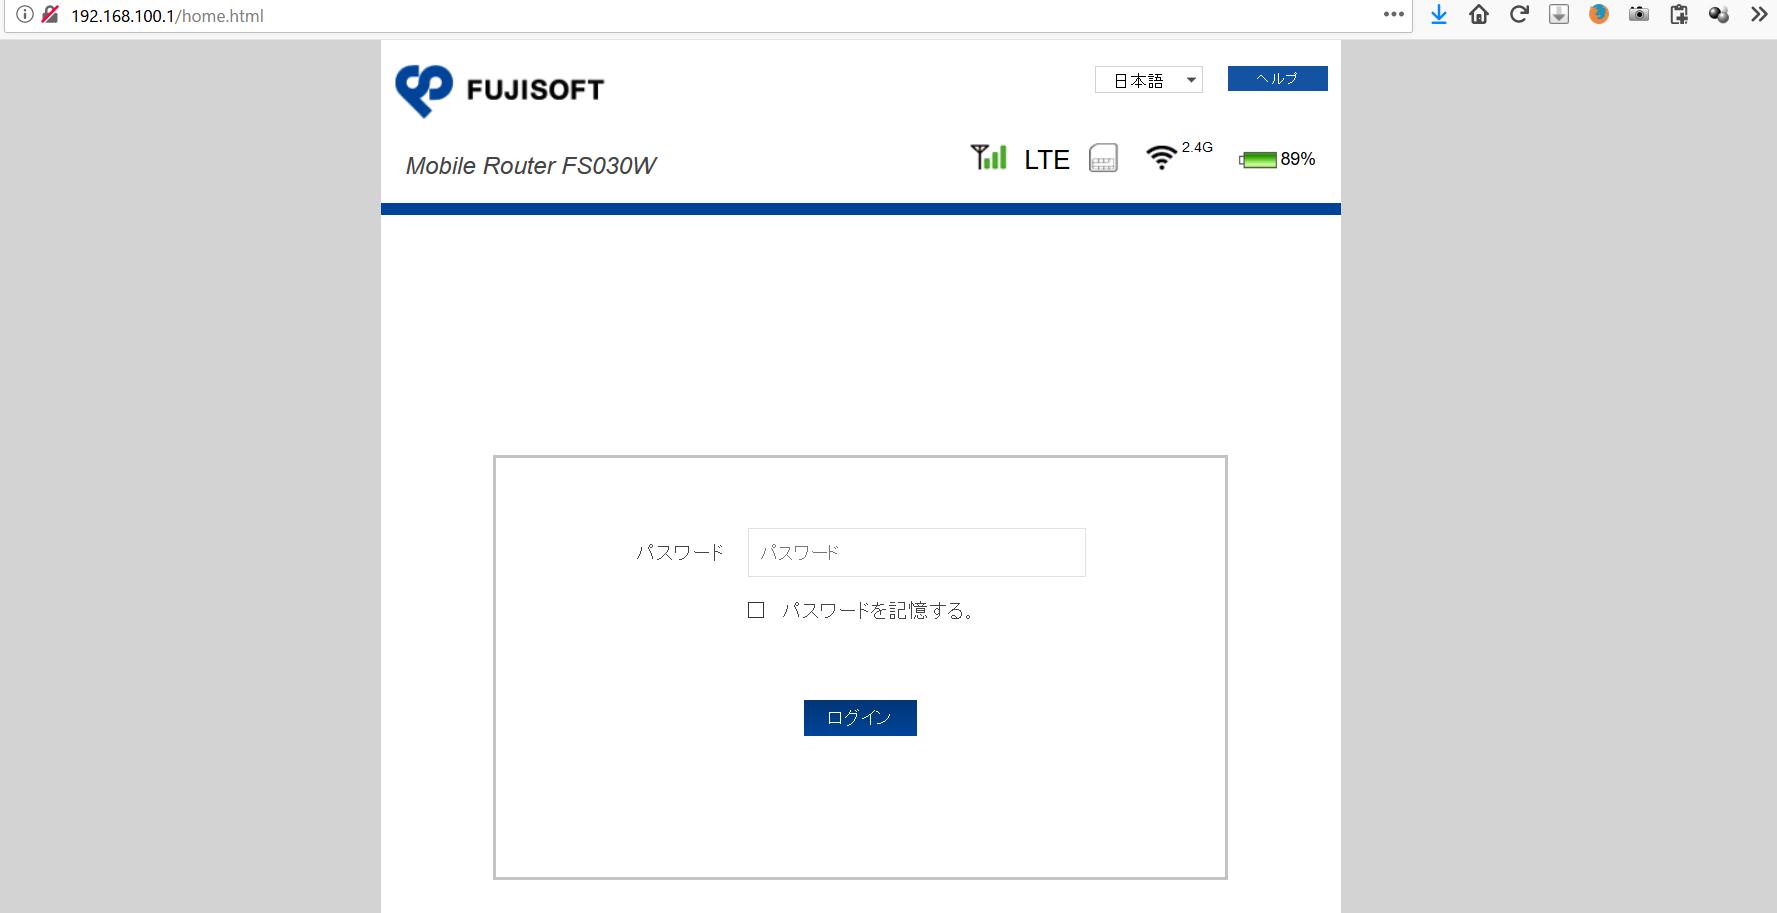 富士ソフトFS030W管理画面パソコン